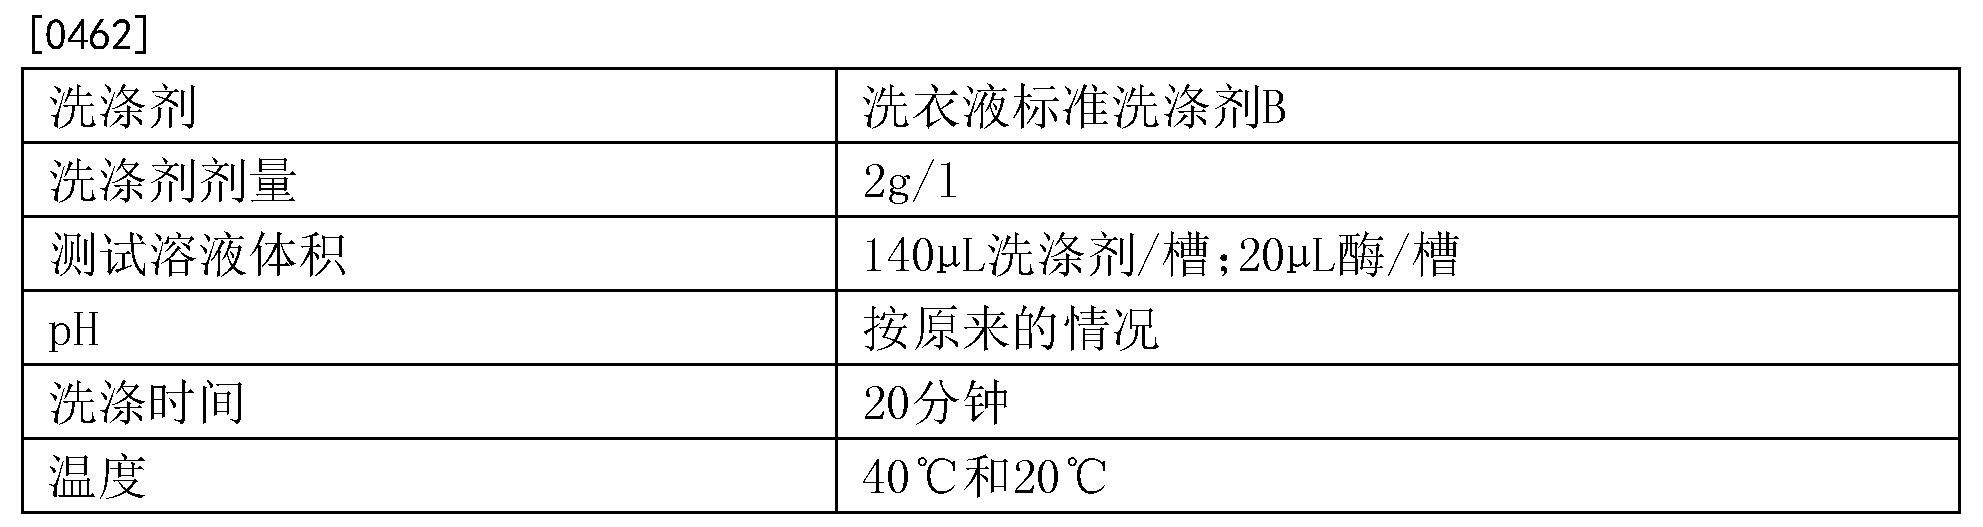 Figure CN104271726BD00532